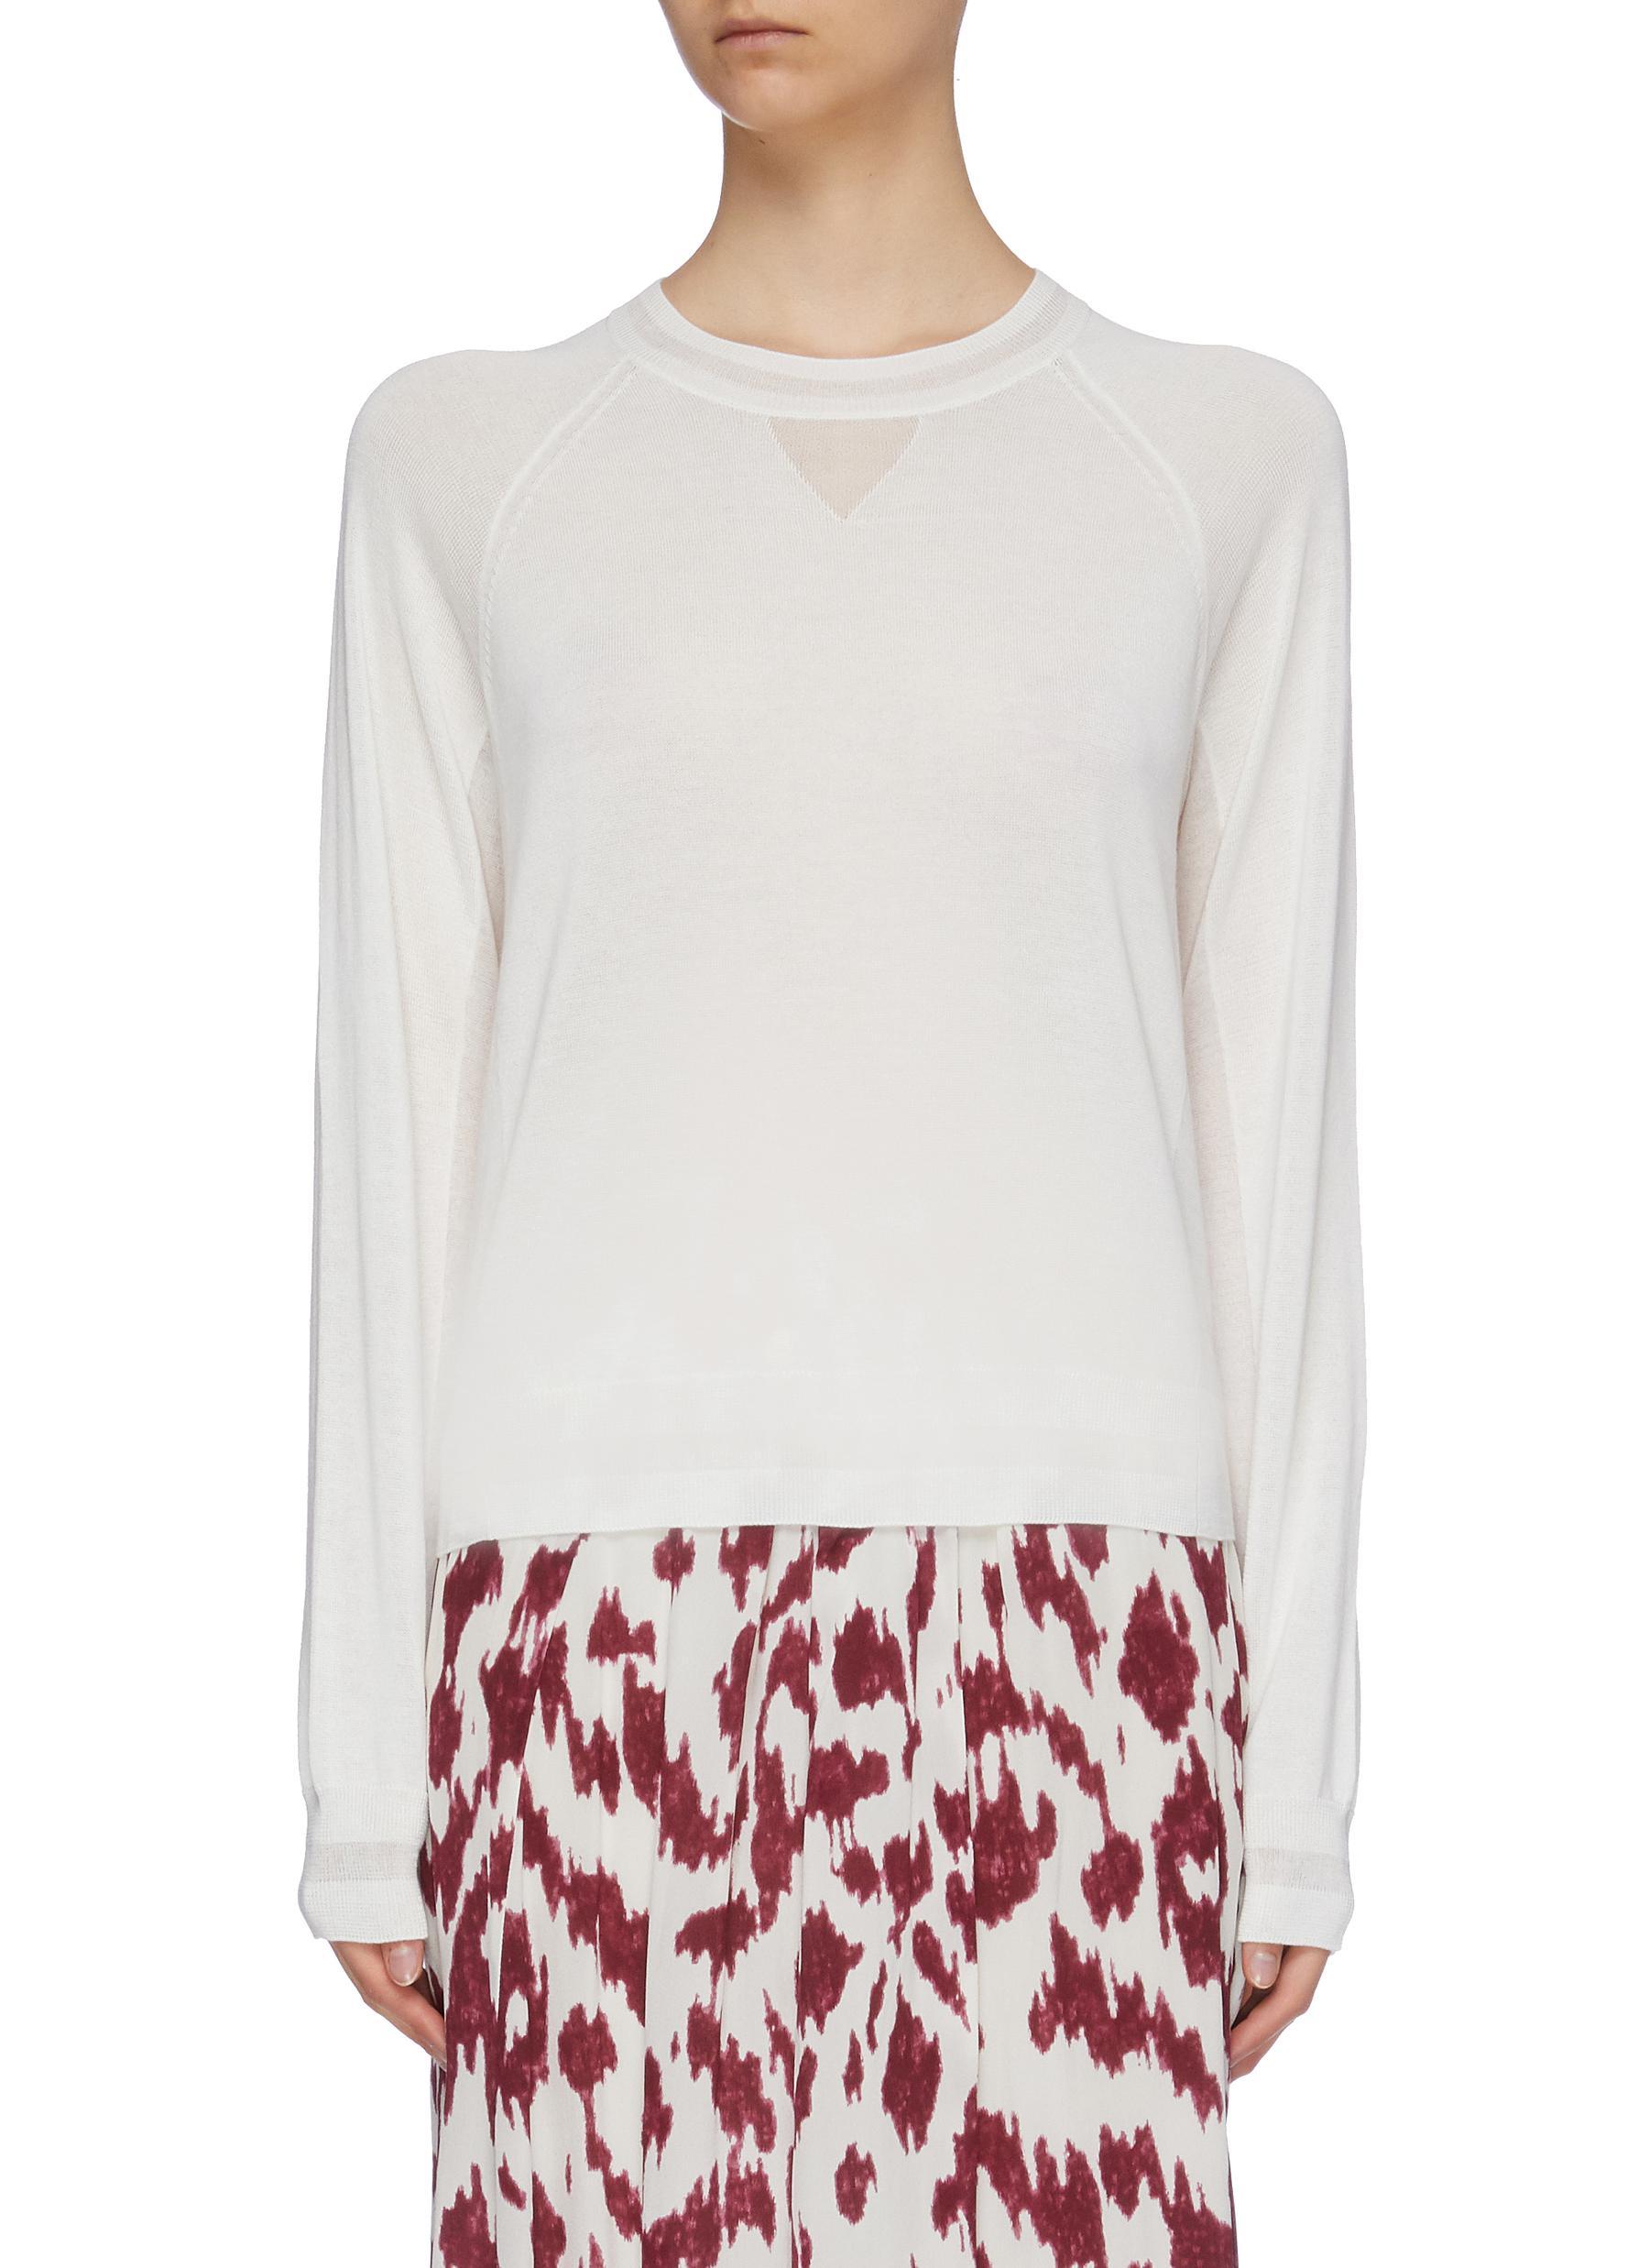 Kento Pima cotton sweater by Rag & Bone/Jean